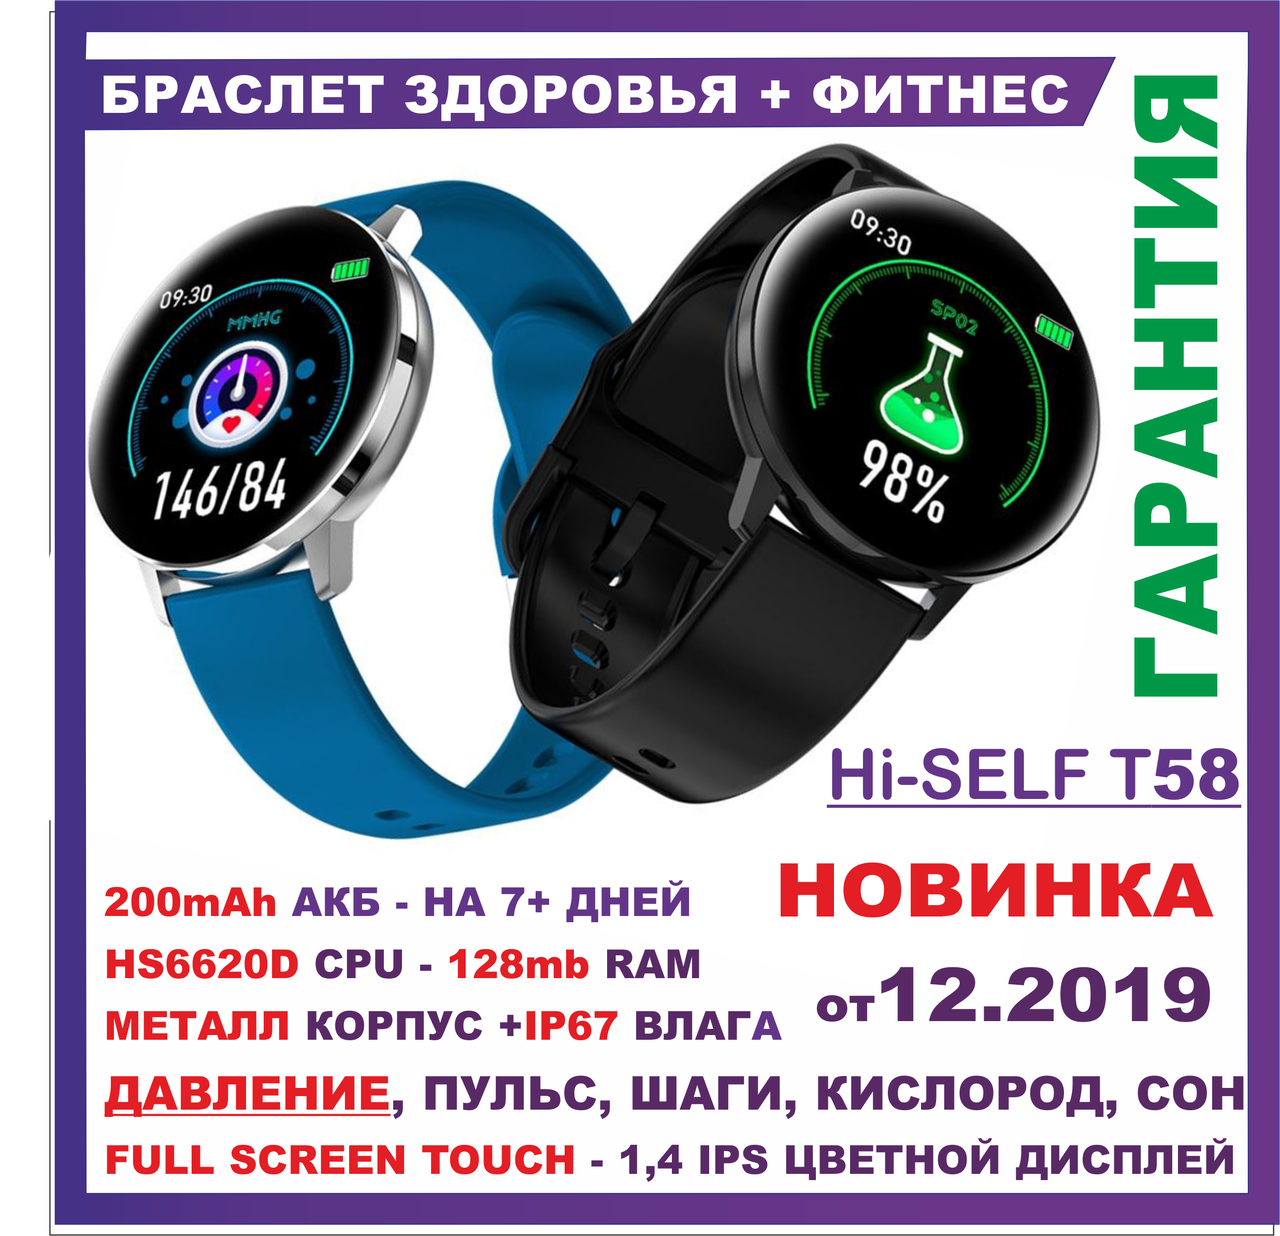 Cмарт часы тонометр + кардио браслет здоровья Smartwatch td2 - Давление, ватсап, шаги, пульс. смарт тонометр